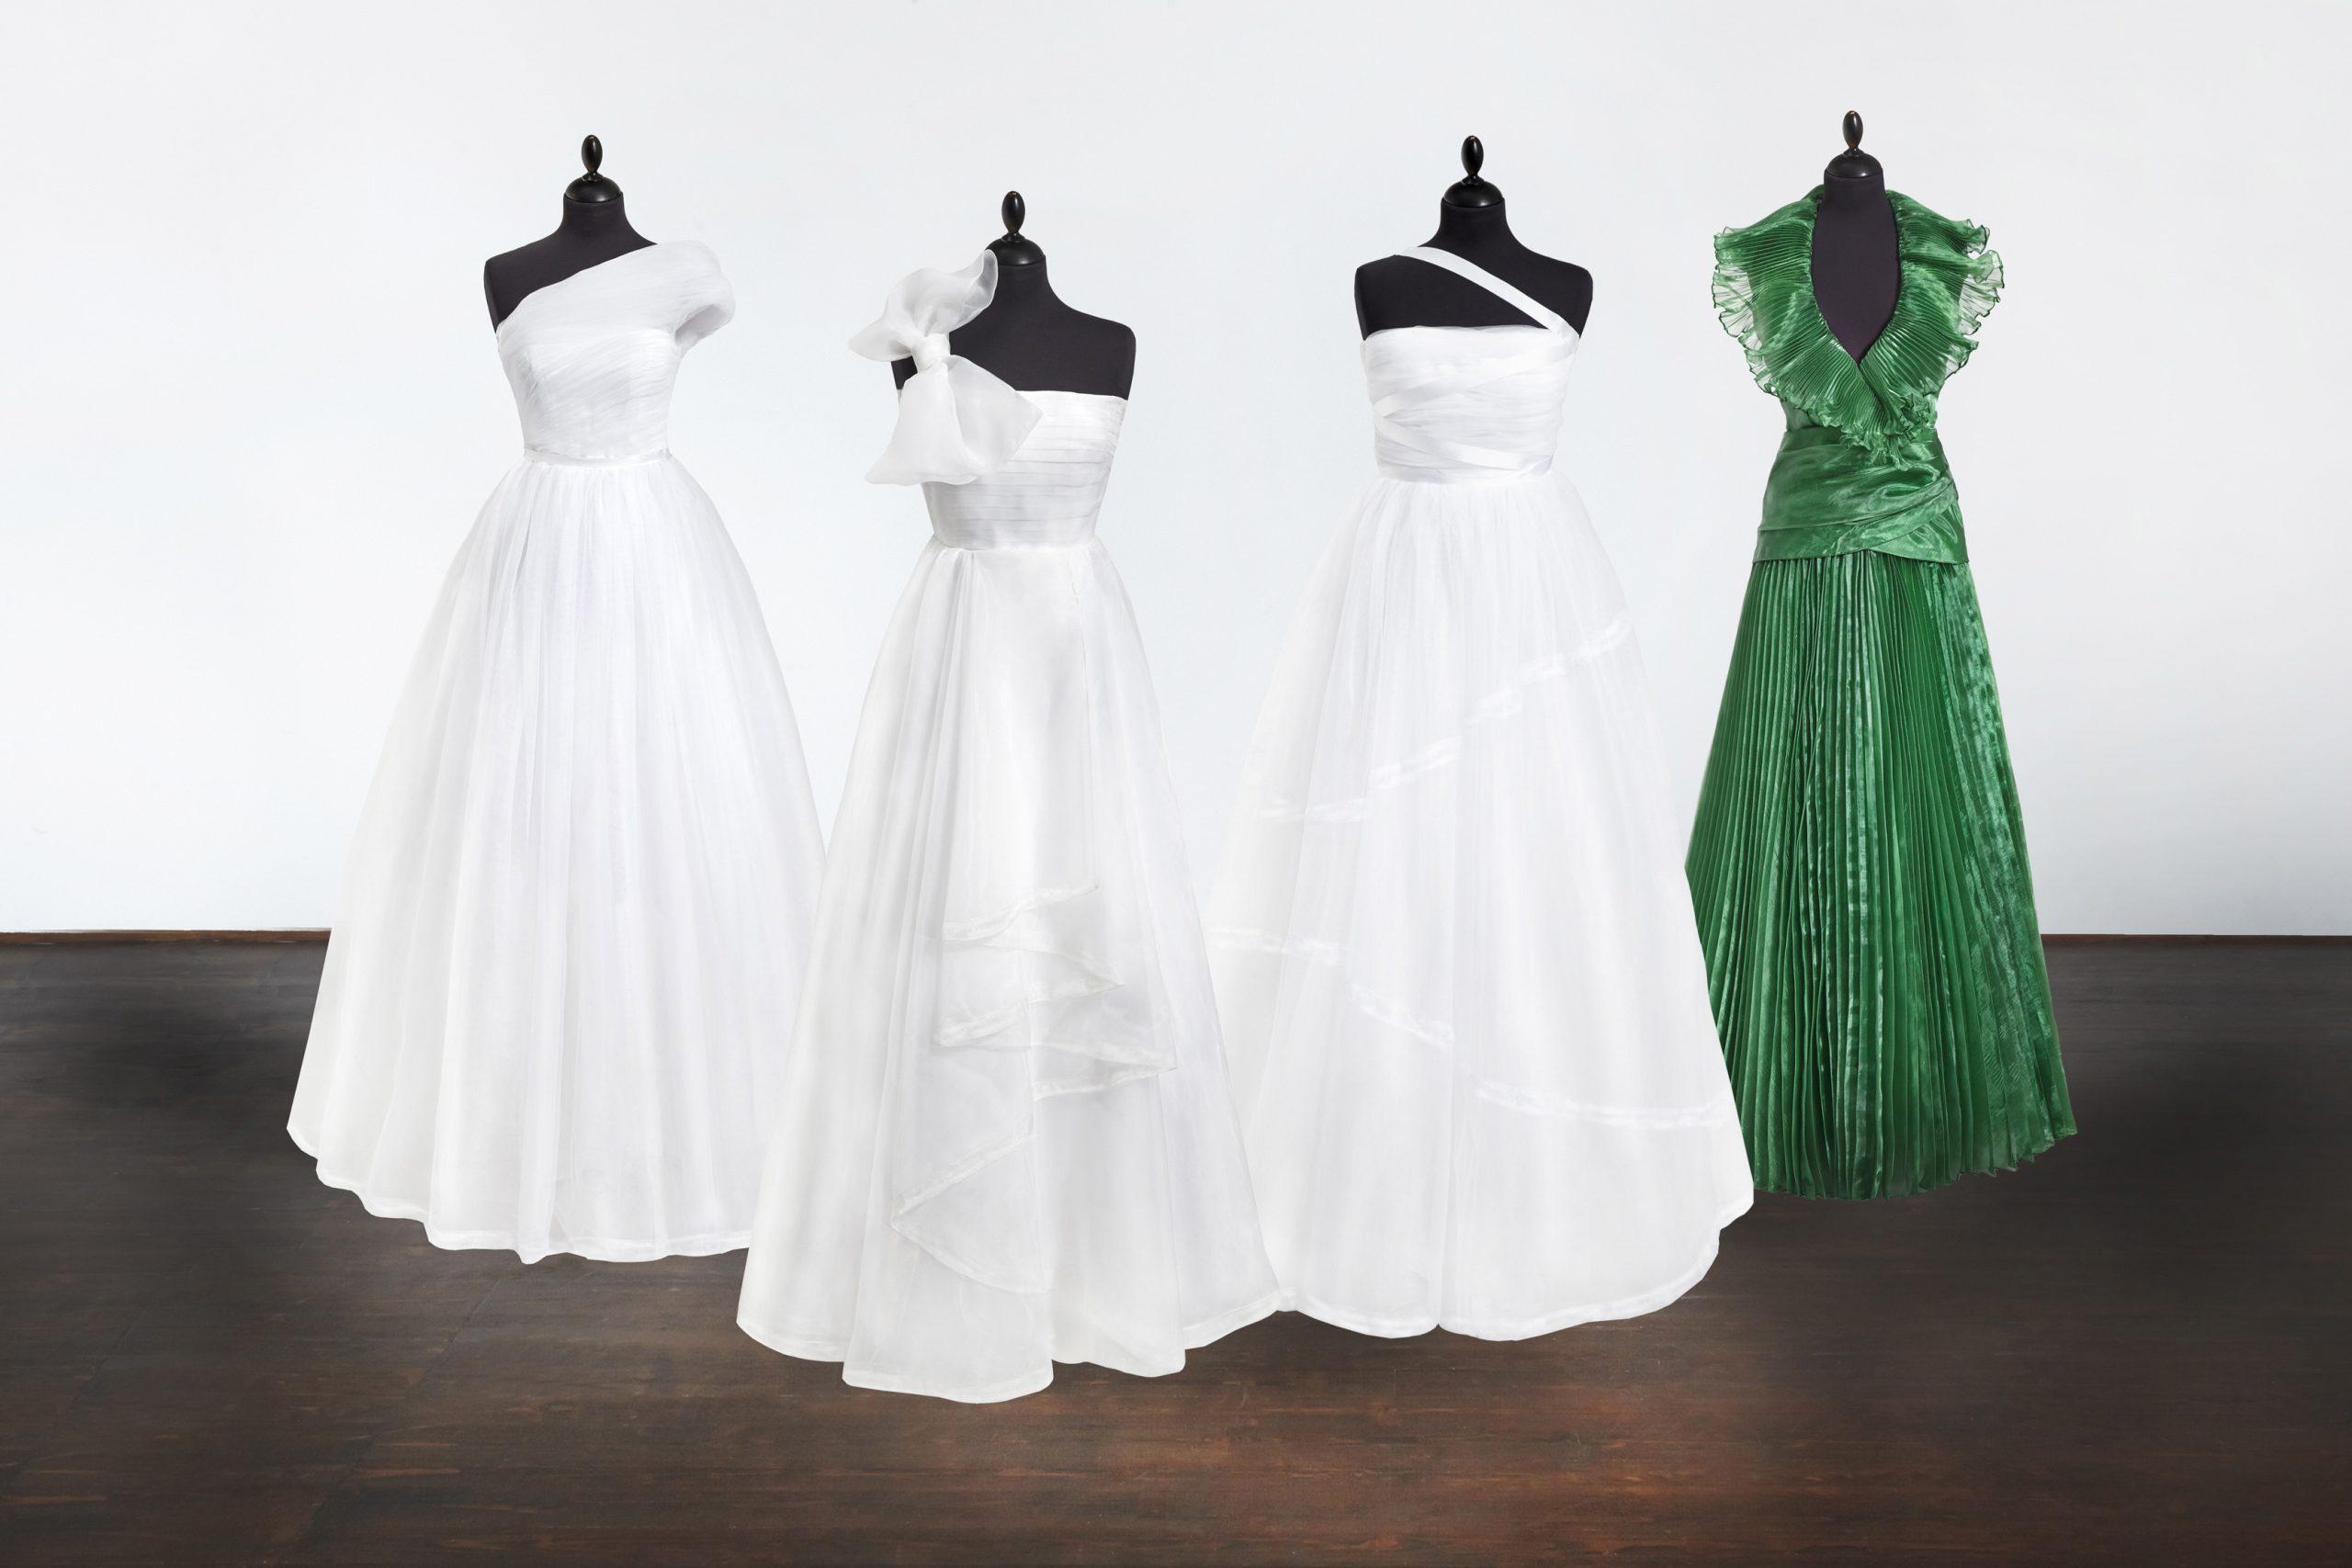 15 Elegant Ein Abendkleid Stylish13 Elegant Ein Abendkleid Galerie